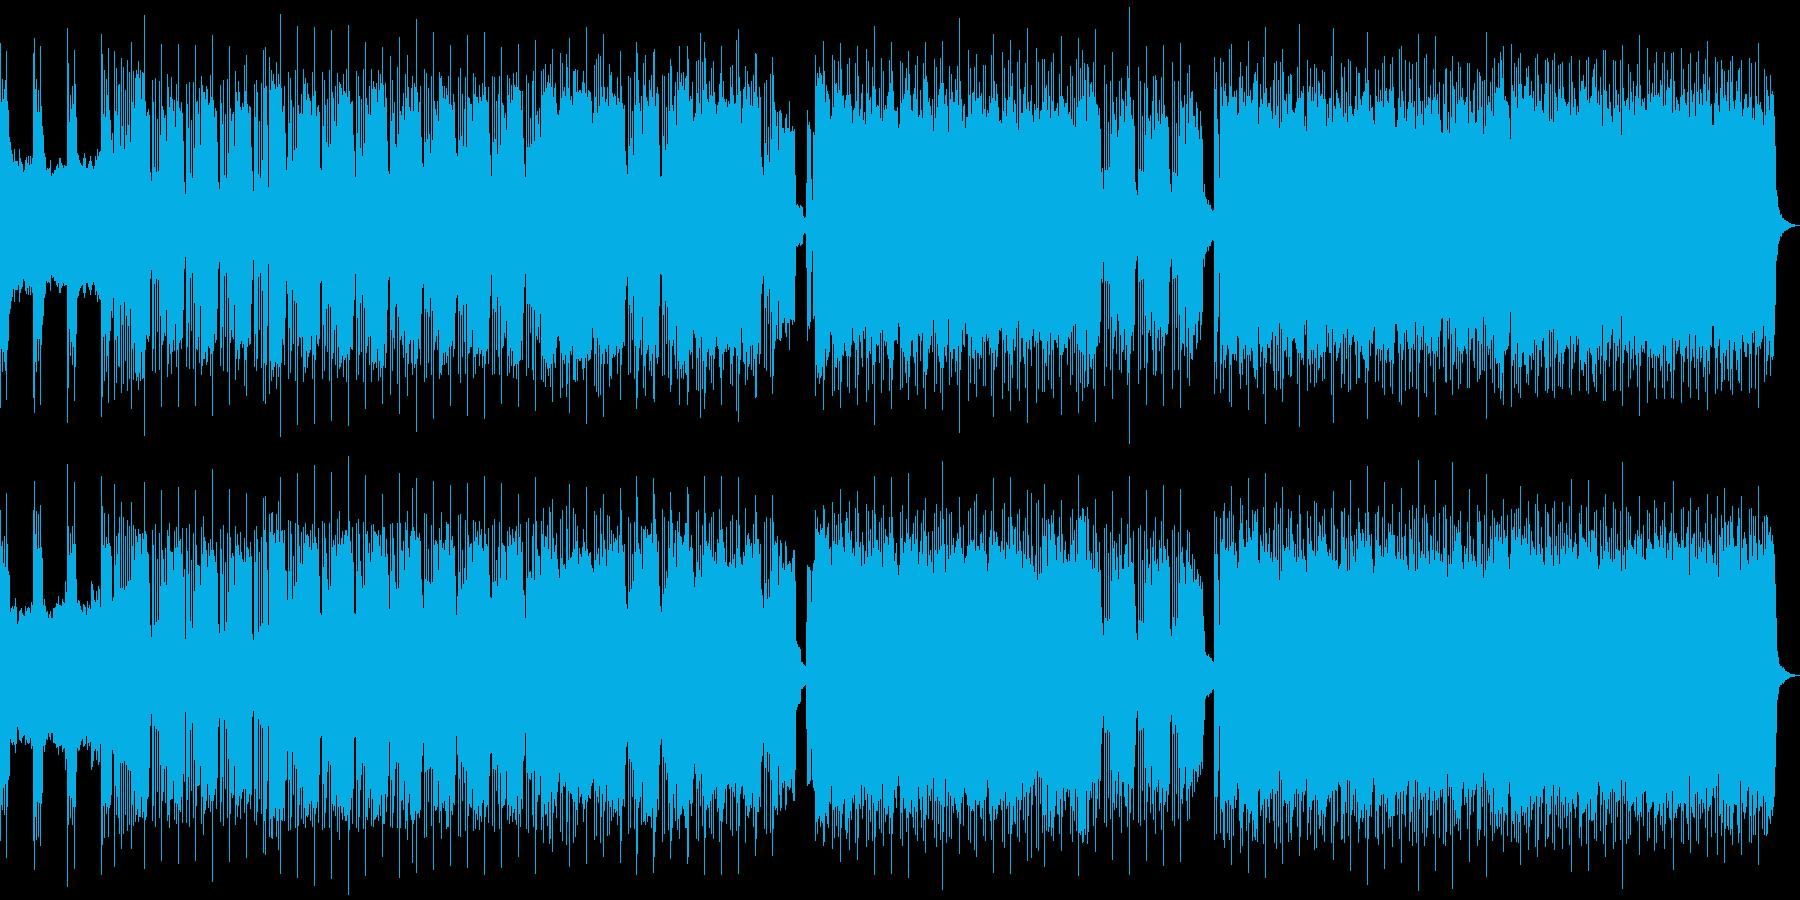 ヘビーなギターとモダンなエレクトロロックの再生済みの波形